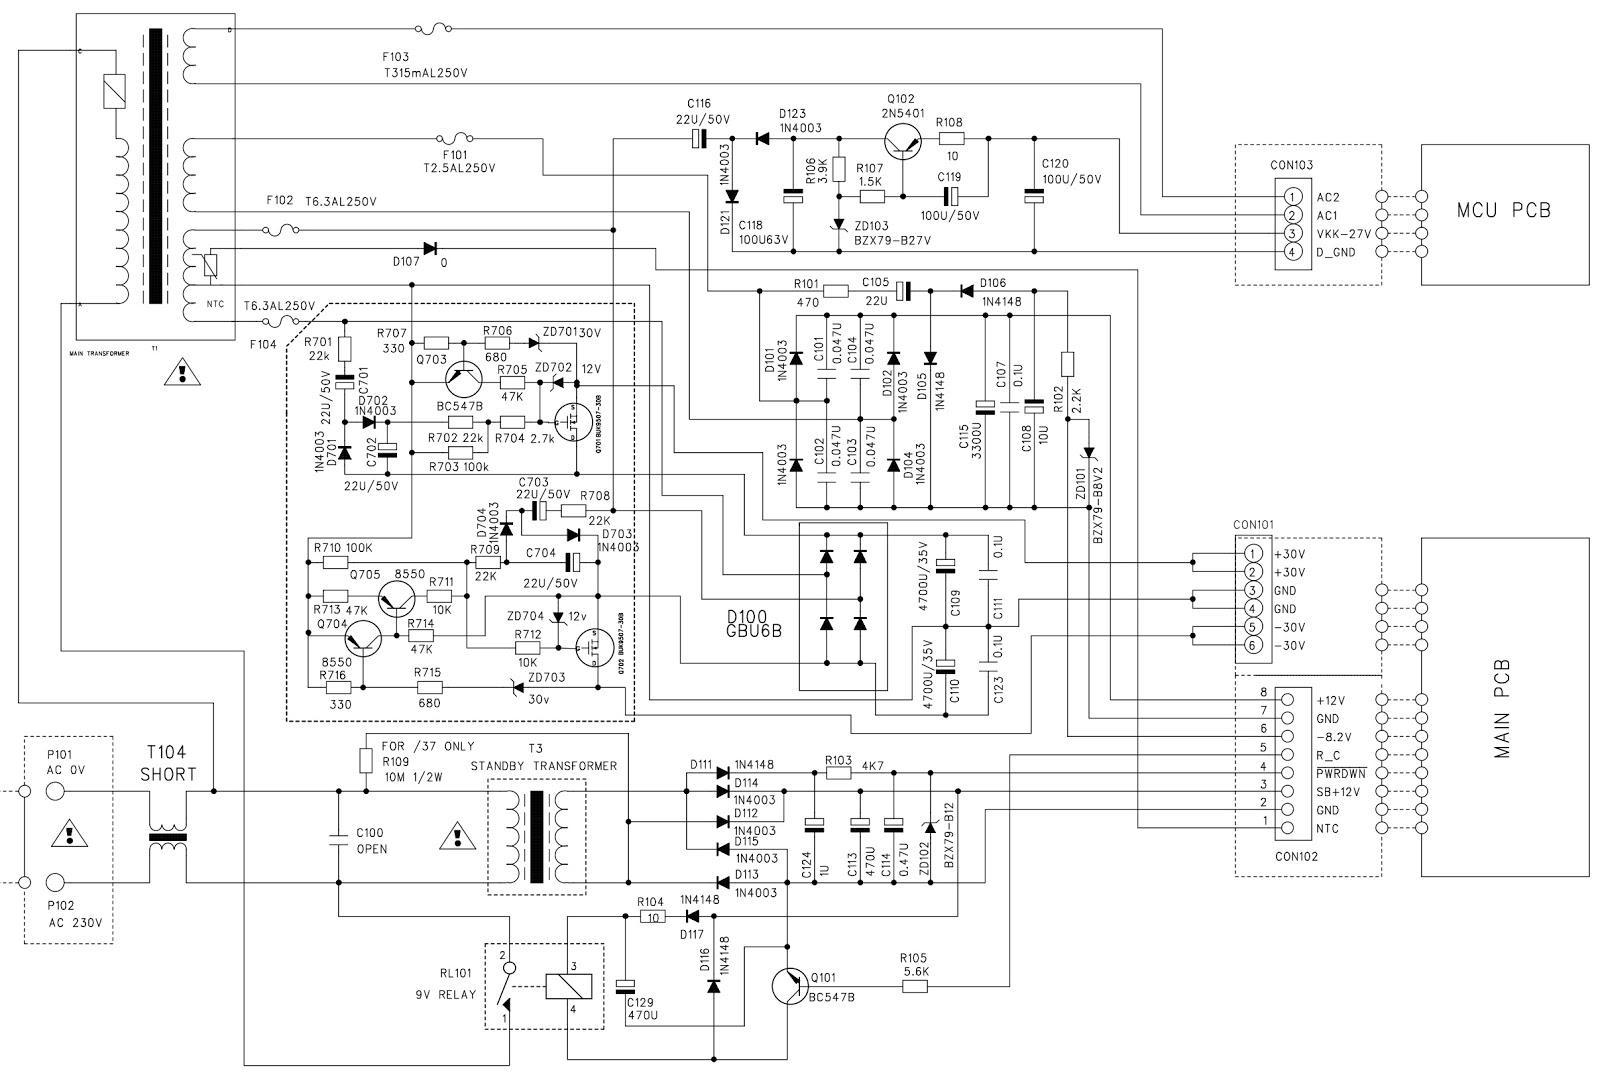 philips mcm726 mp3 micro hi-fi system - circuit diagram